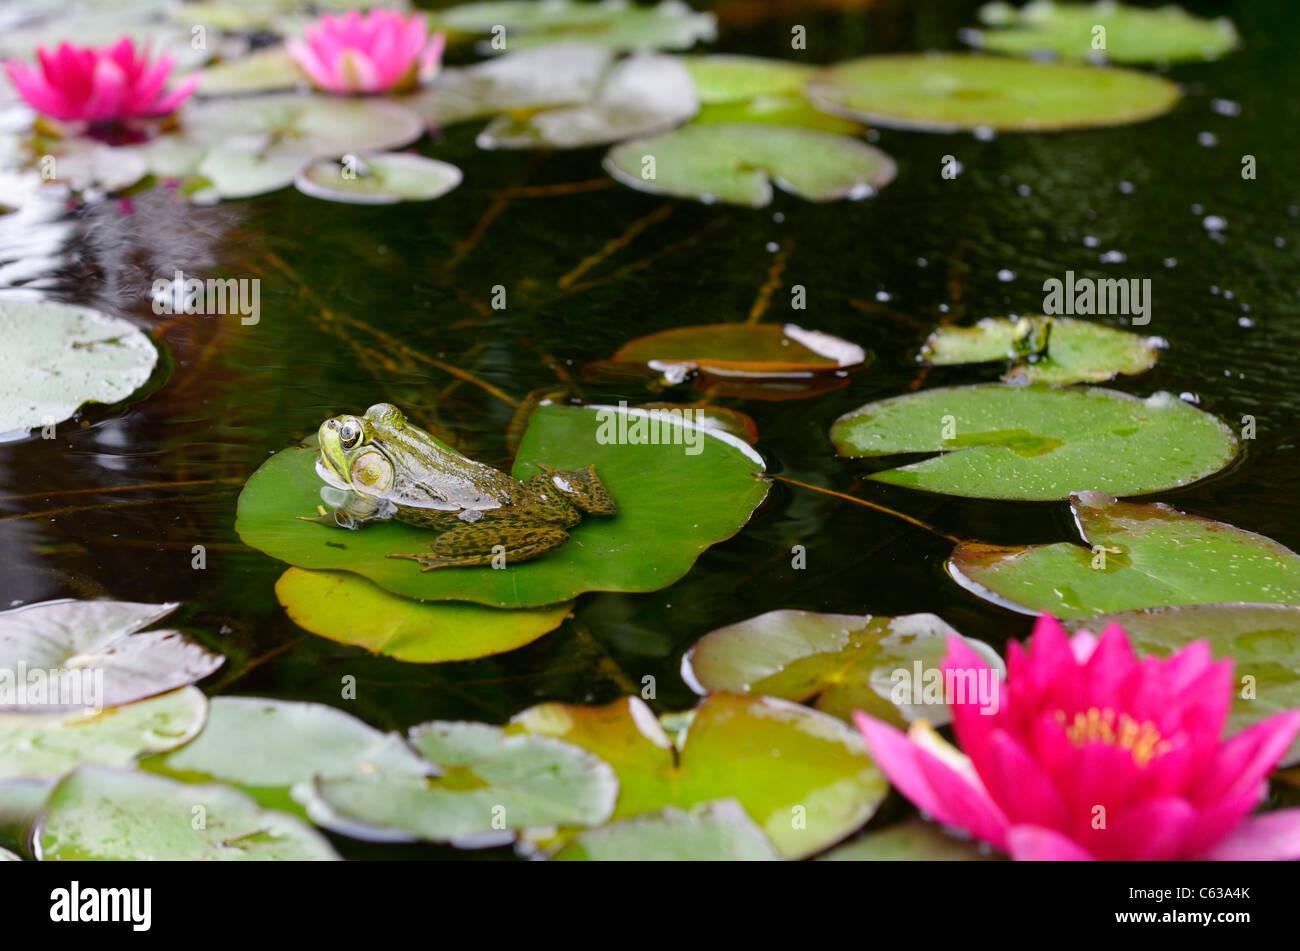 Rana Verde flotando sobre una hoja hoja de lirio de agua en un estanque con flores de color rosa Imagen De Stock